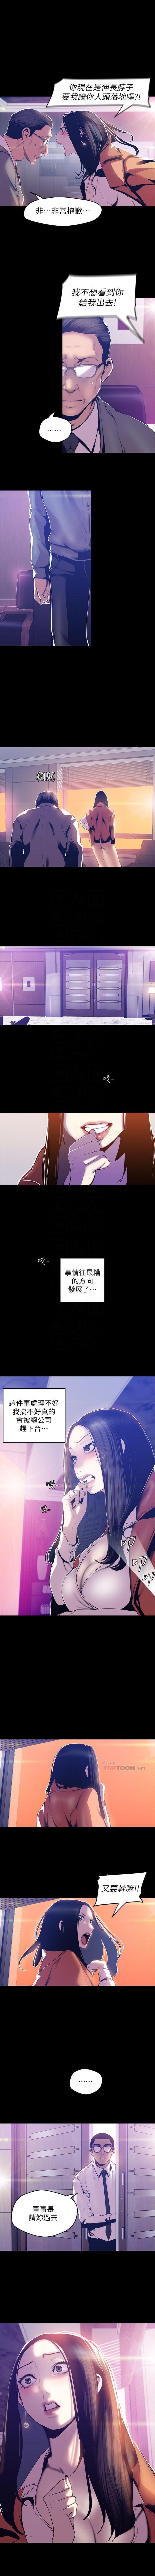 (週1)美麗新世界 1-76 中文翻譯 (更新中) 540